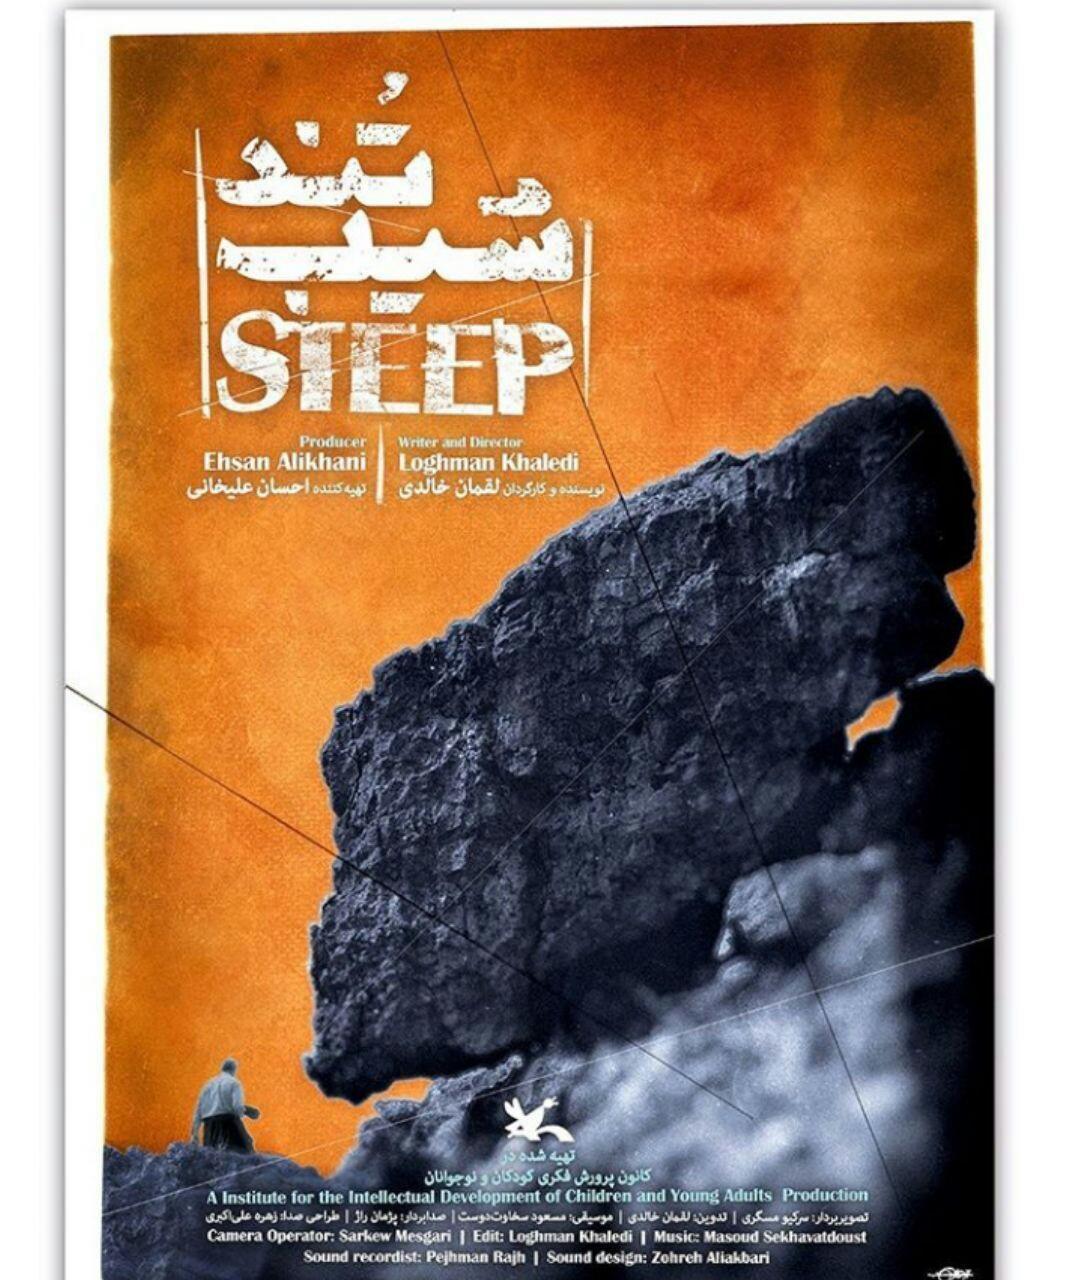 نمایش مستند احسان علیخانی در جشنواره سینما حقیقت